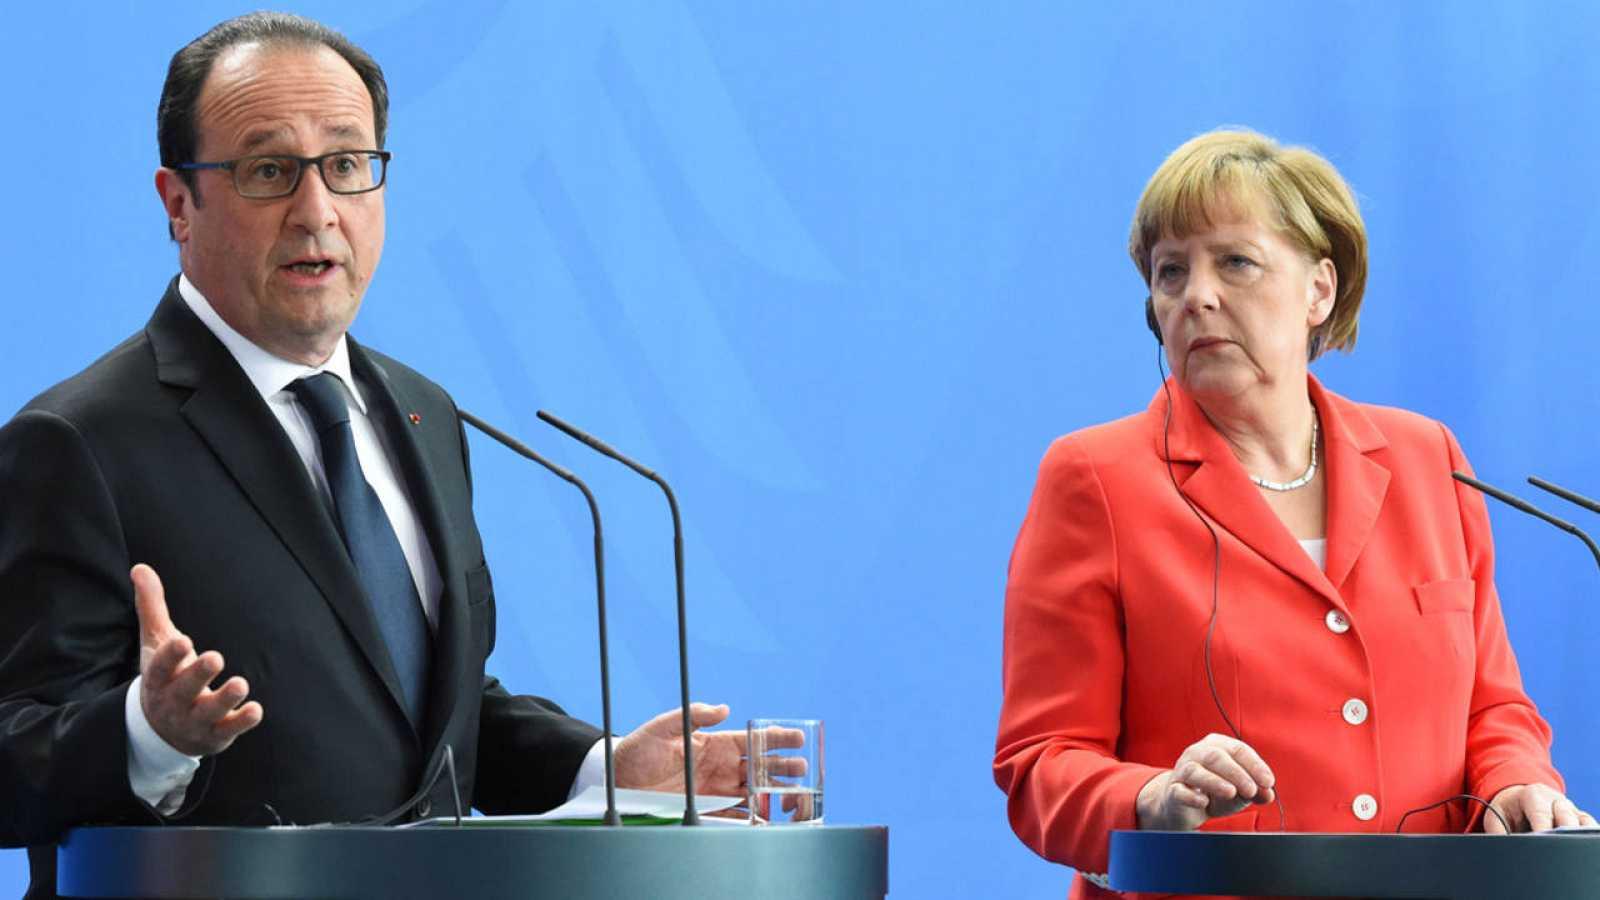 El presidente francés, François Hollande, y la canciller alemana, Angela Merkel